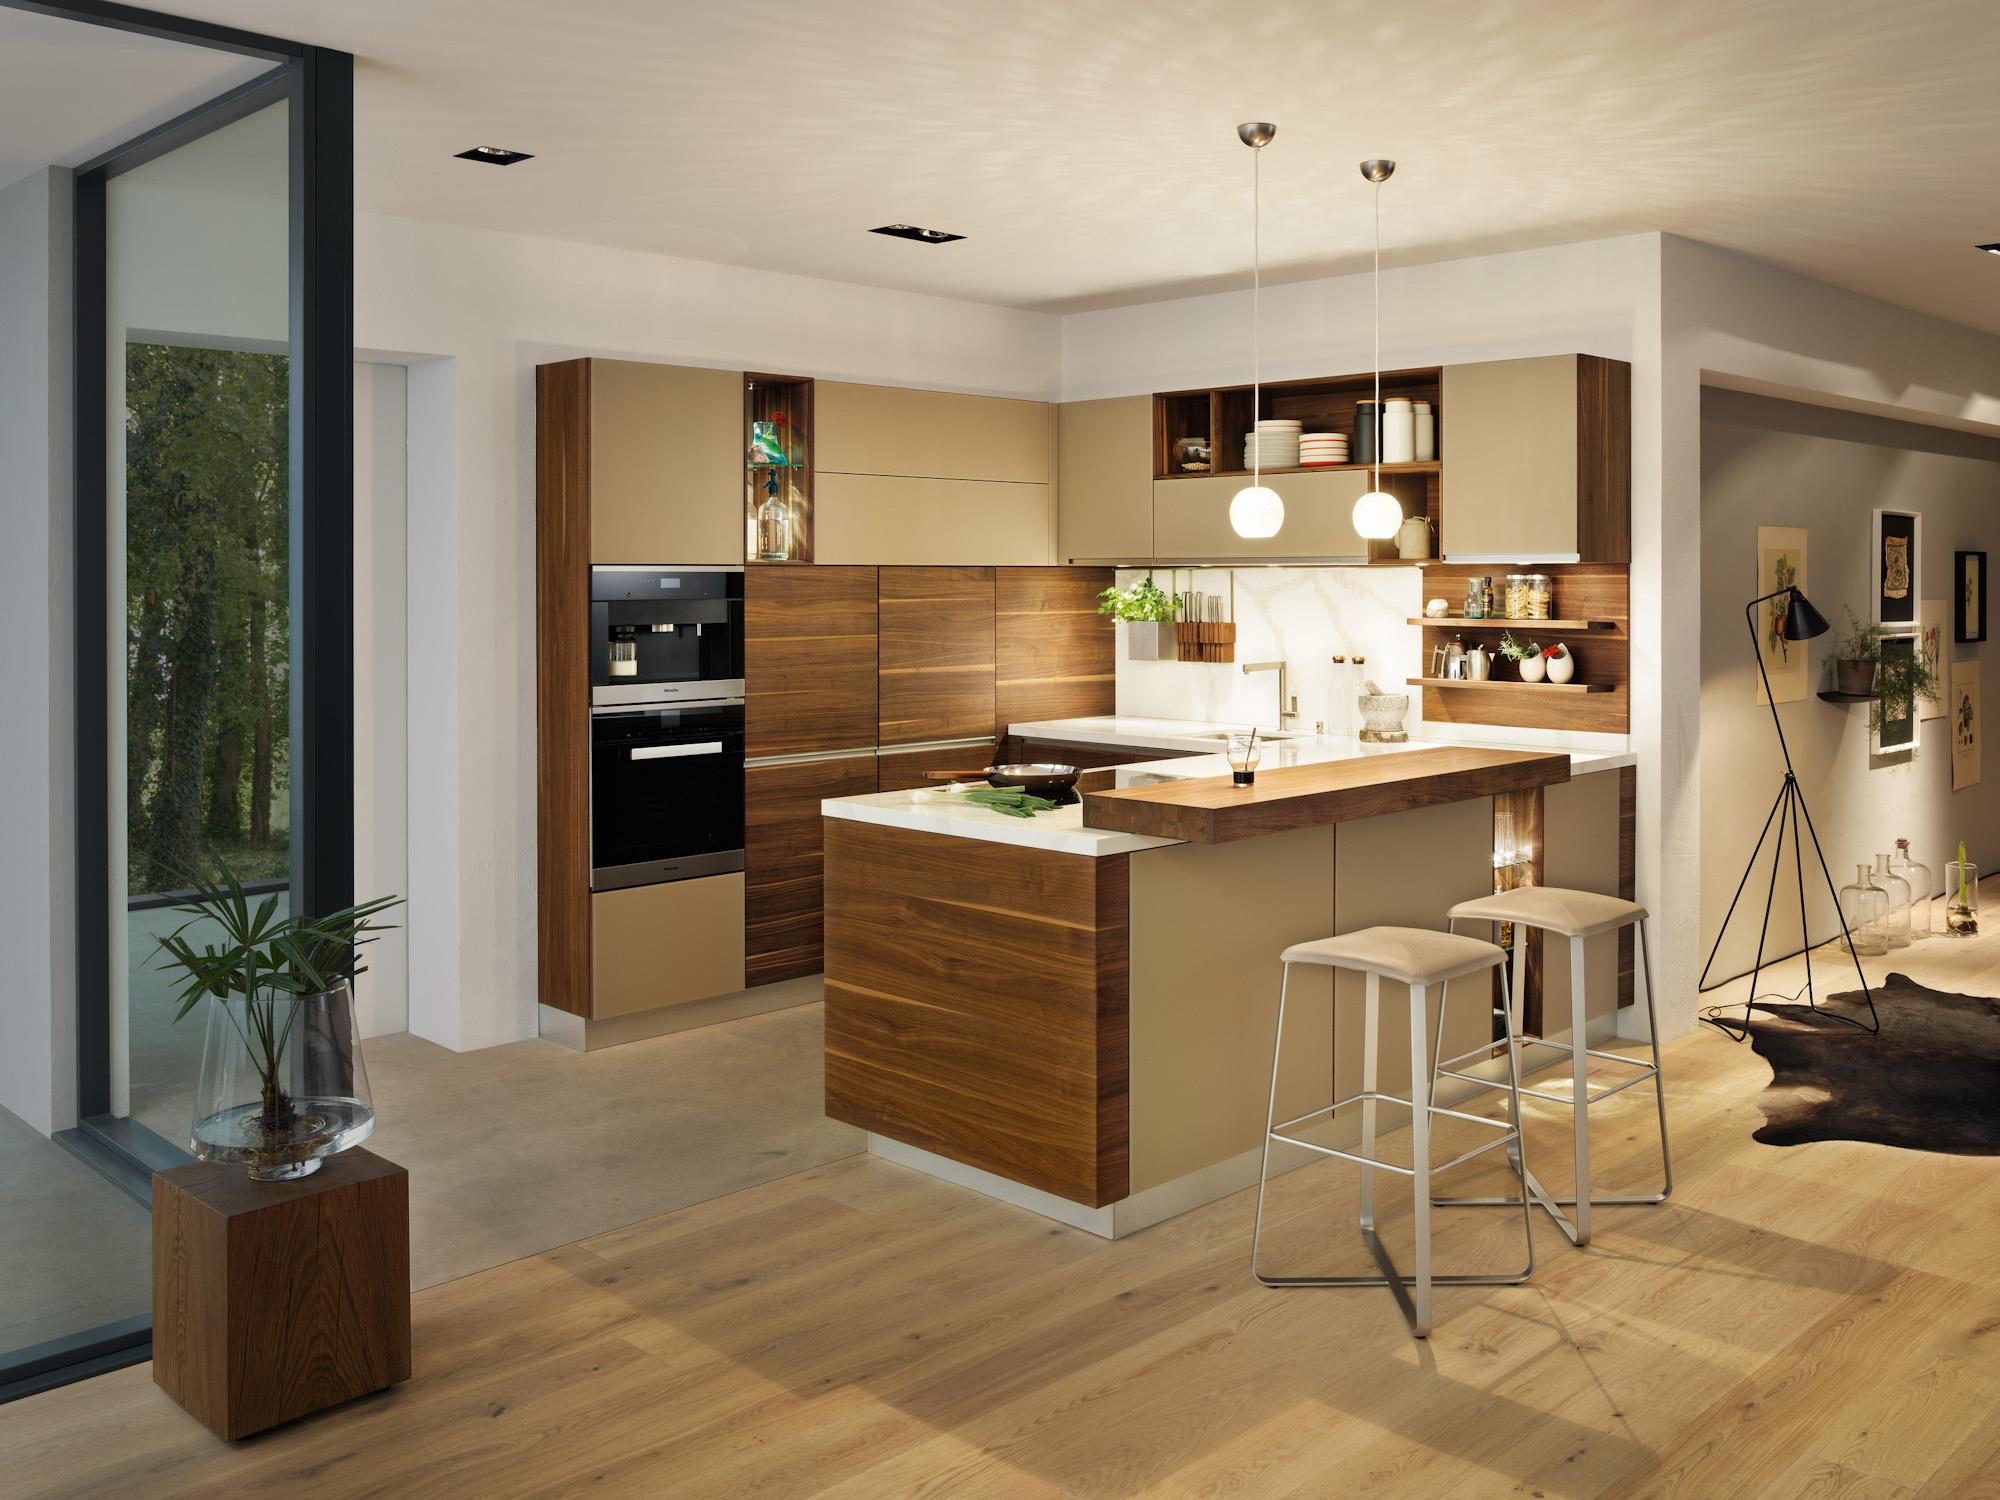 massivholzküchen, hochglanzlack, landhausstil - möbel